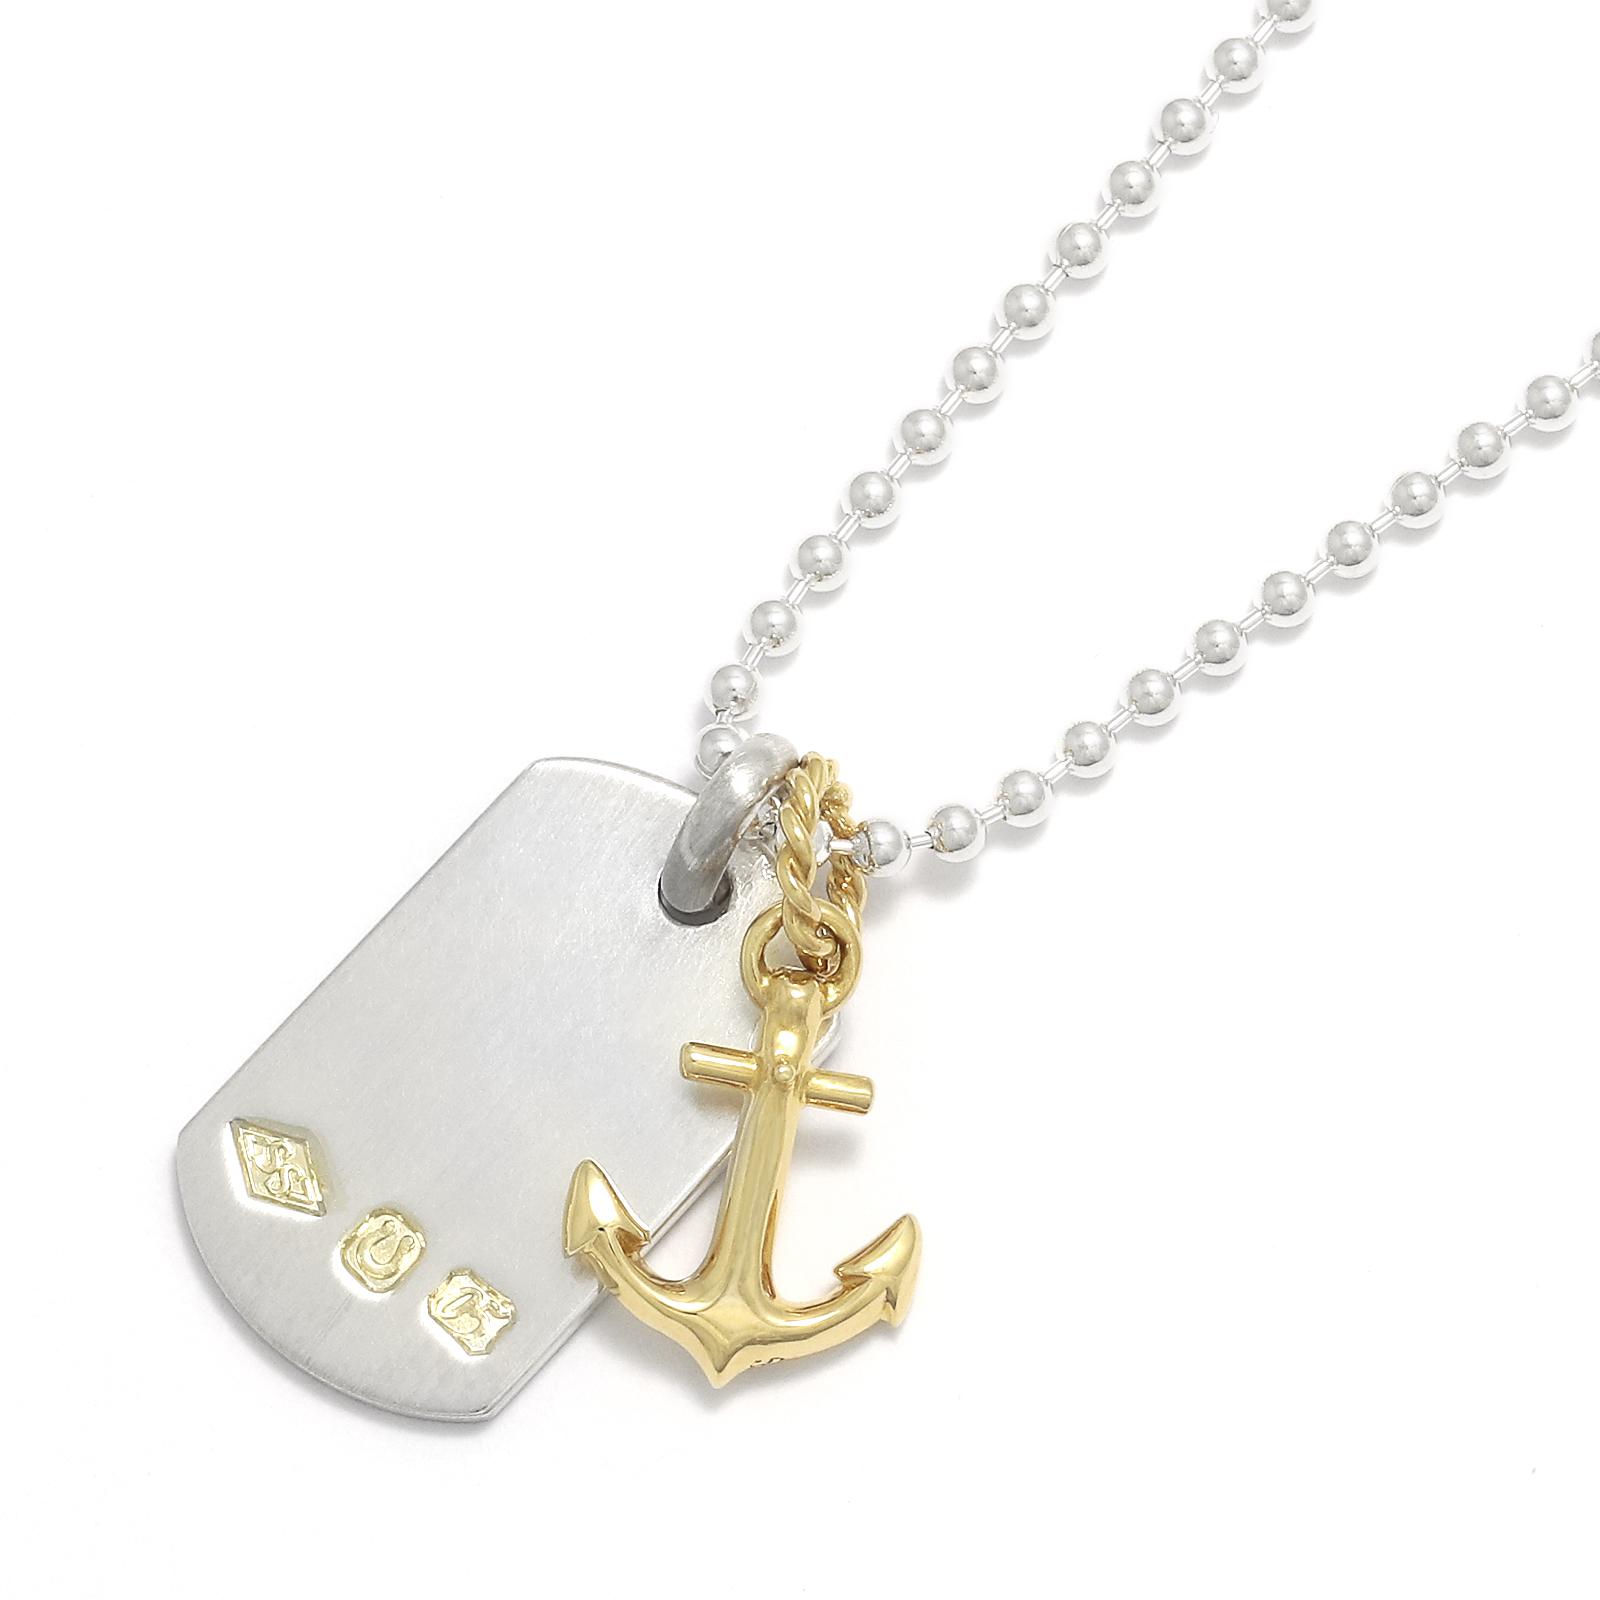 Anchor Pendant - K18Yellow Gold + Hallmark Dog Tag - Silver Set Necklace